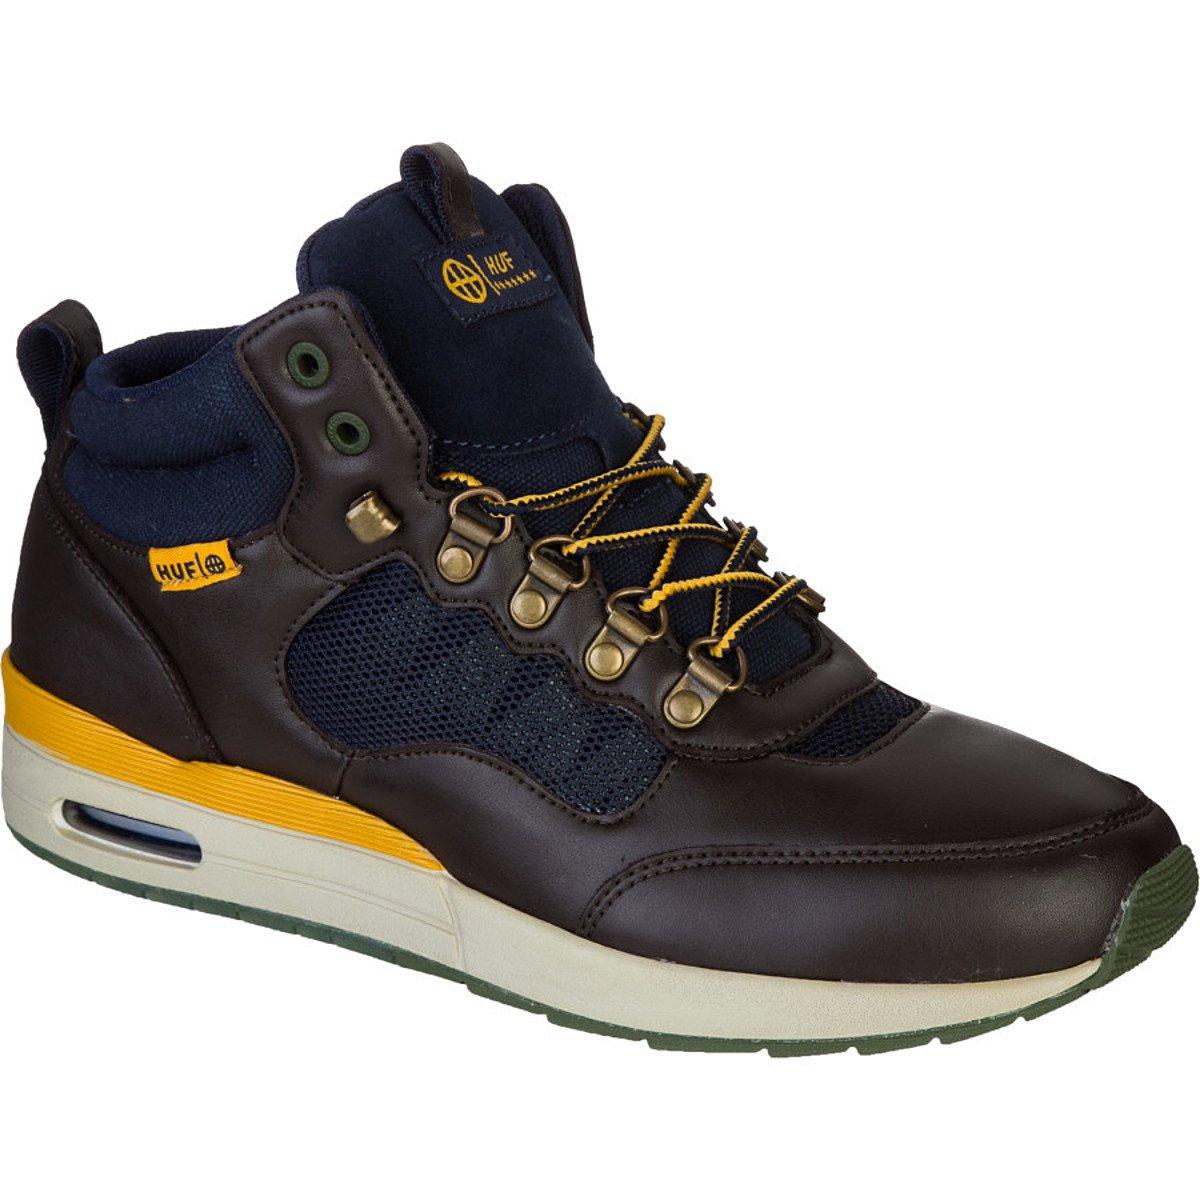 Huf HR-1 Boot - Men's Brown/Navy, 10.0